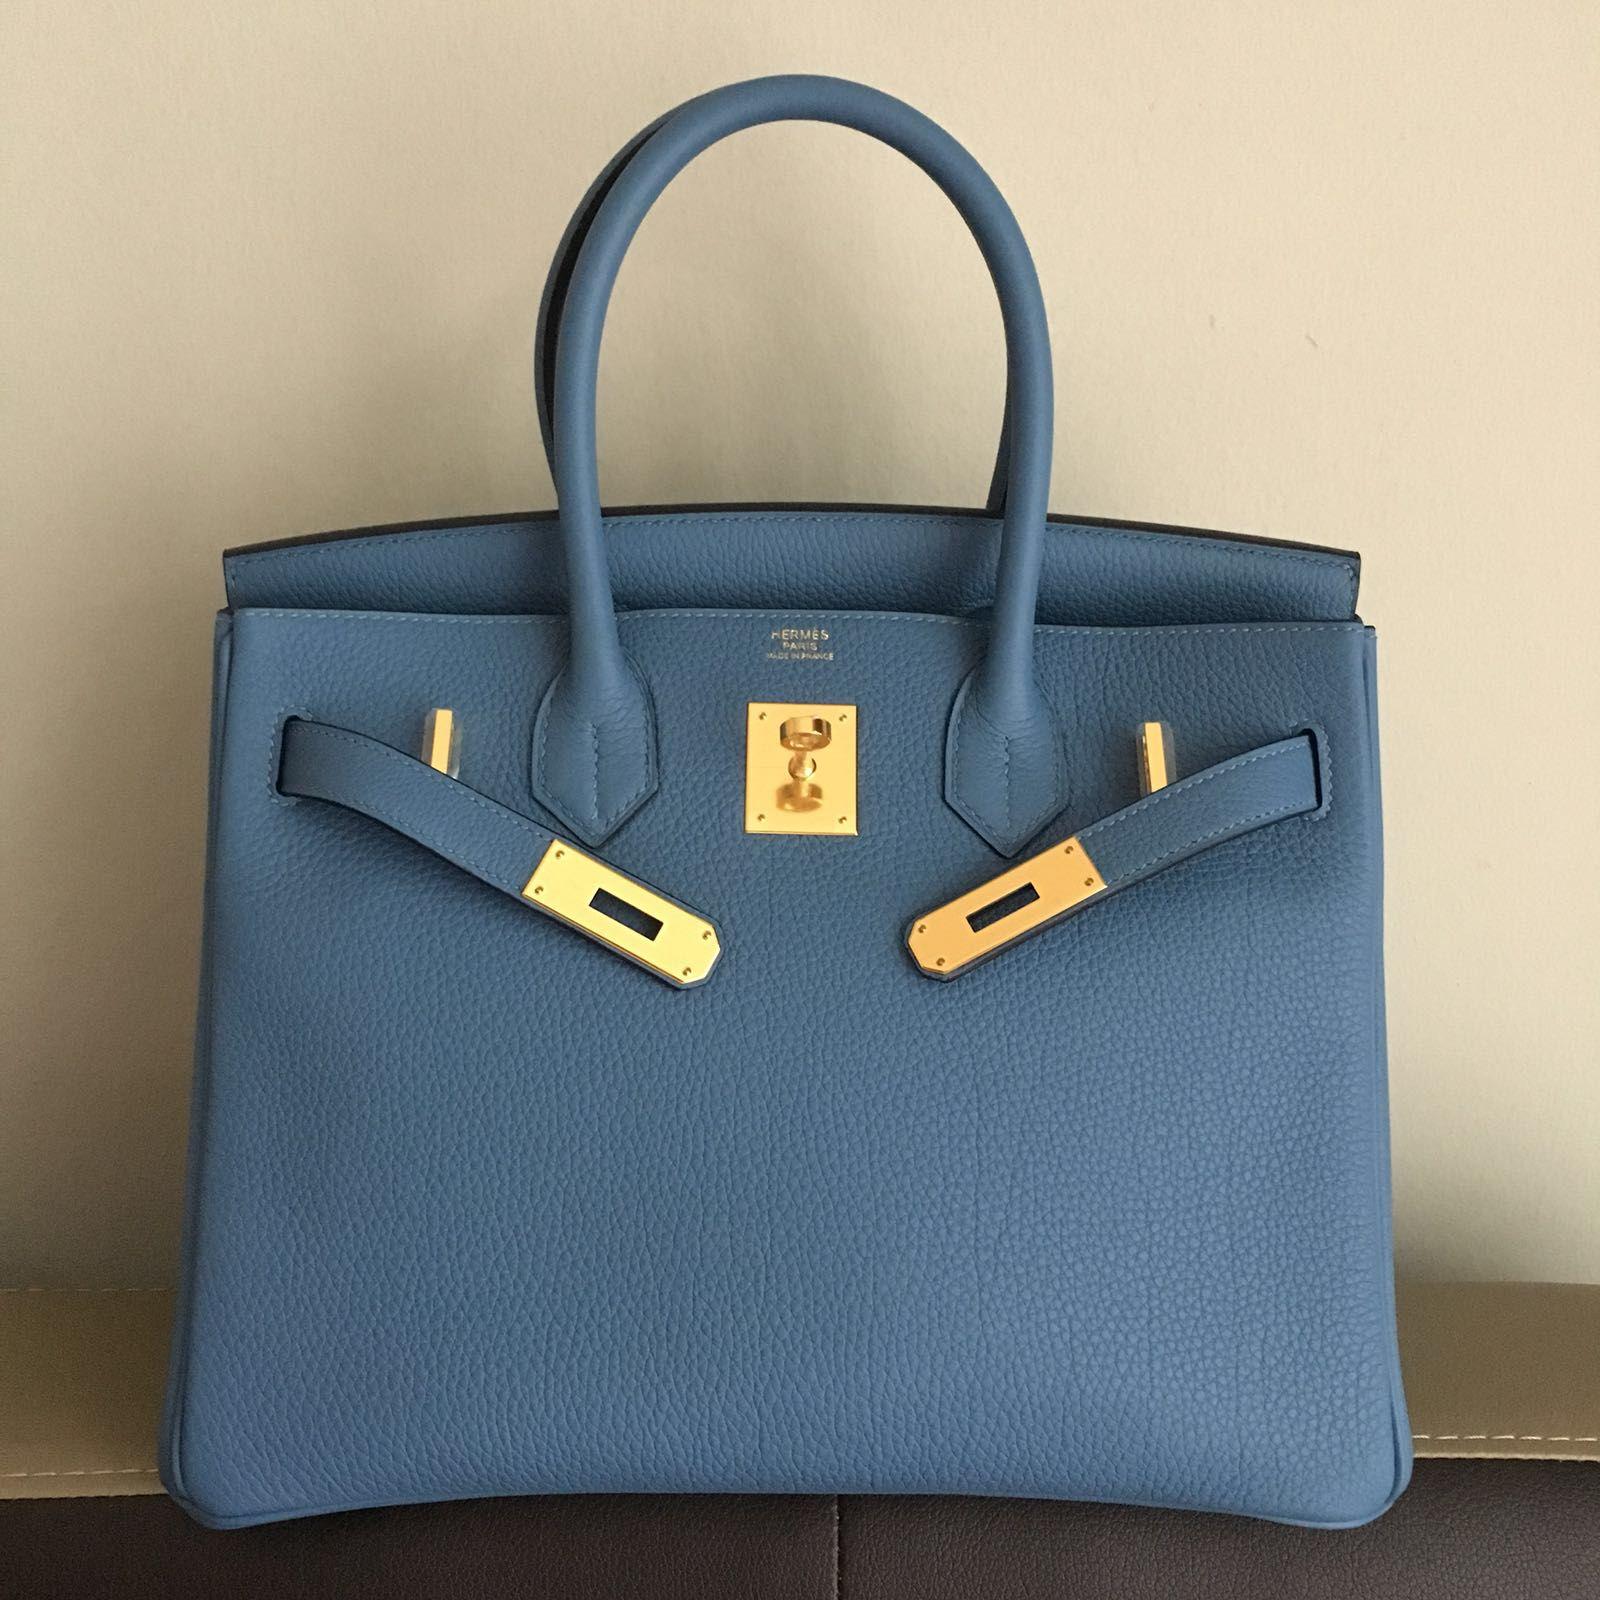 6d9c6f9ed5 Hermès Birkin 30 Bleu Azur Togo Gold Hardware GHW C Stamp 2018  birkin30   thefrenchhunter